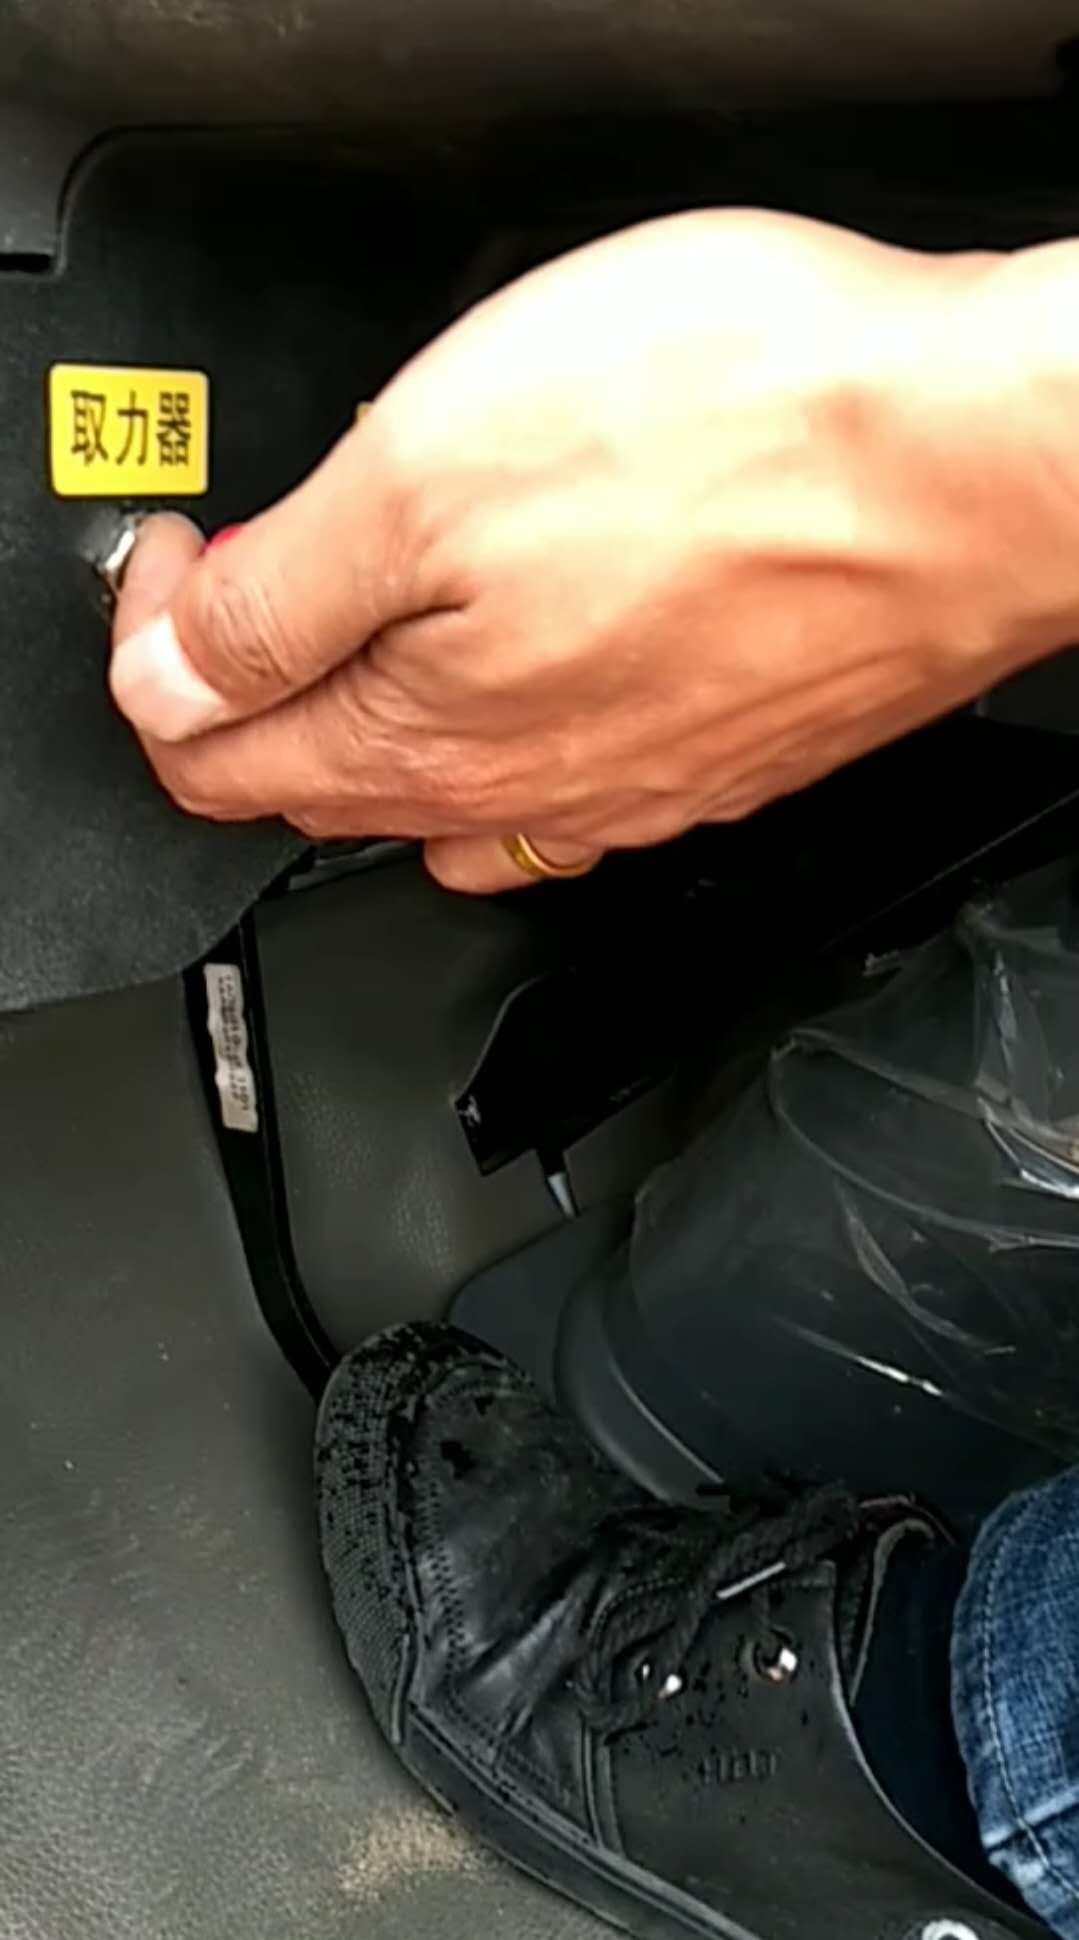 雾炮车洒水车使用流程操作视频1-6(3)踩下离合后打开取力器视频